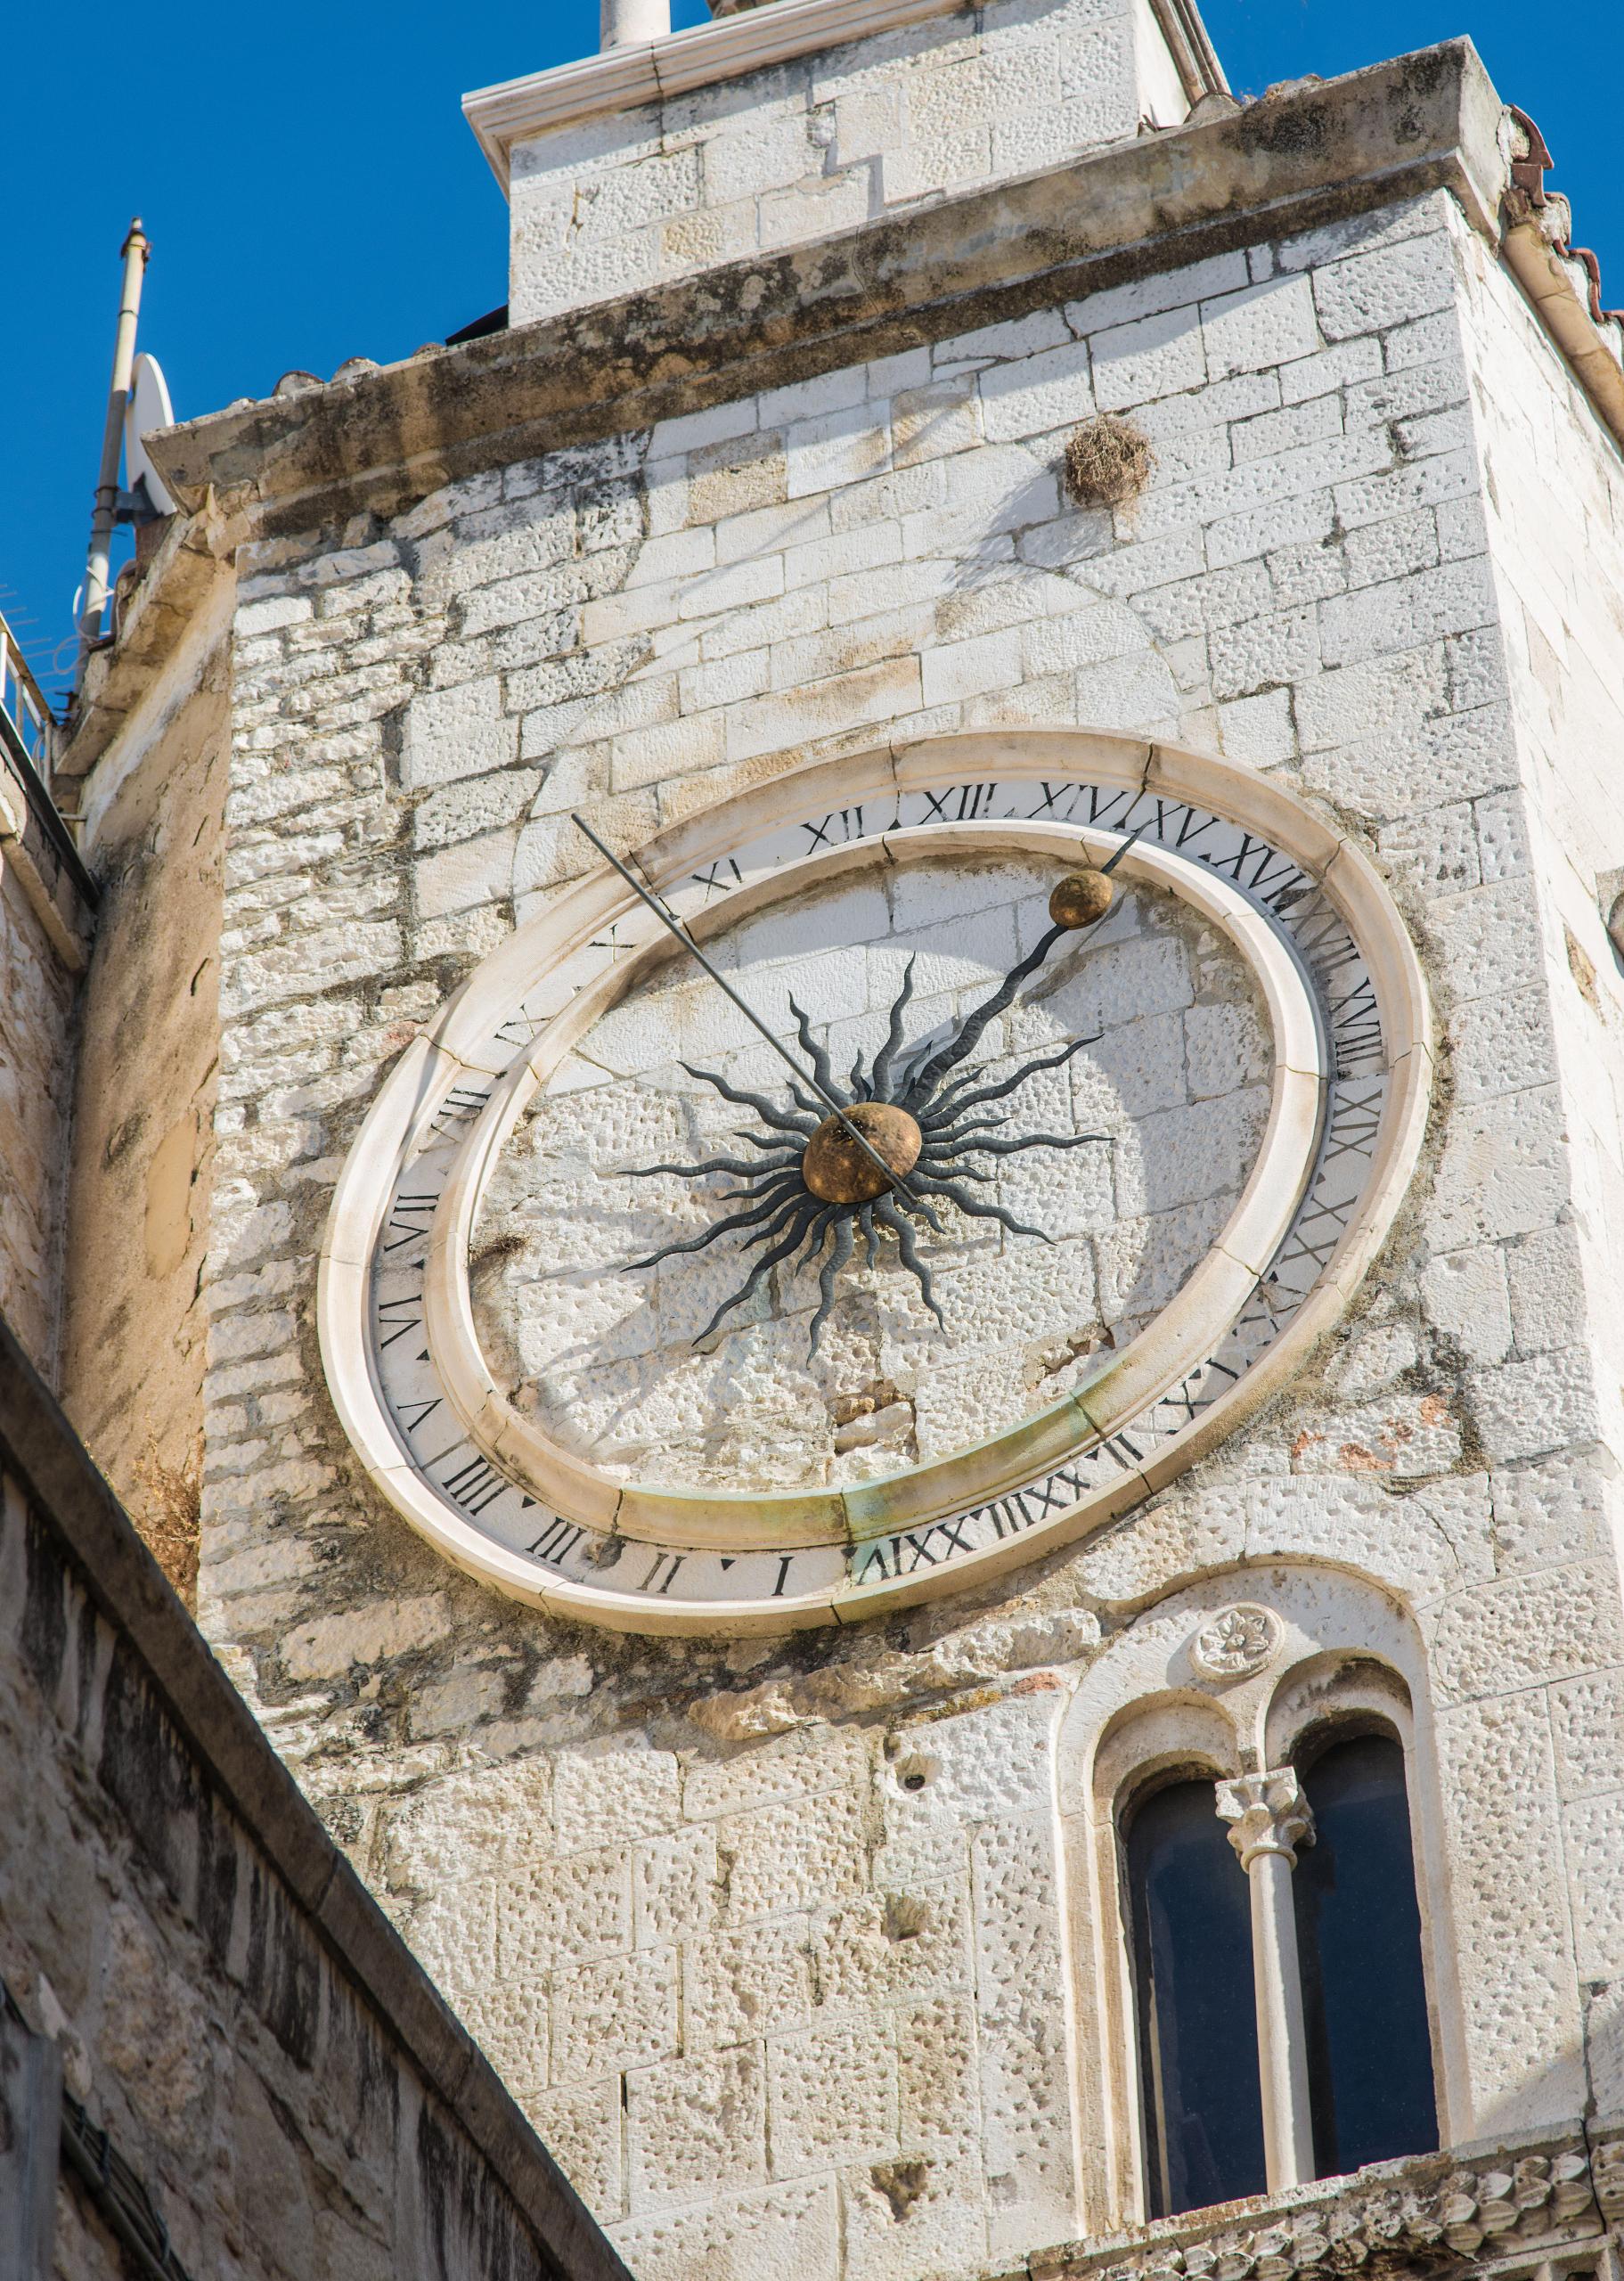 John Drajewicz, Slip Town Clock, 2017